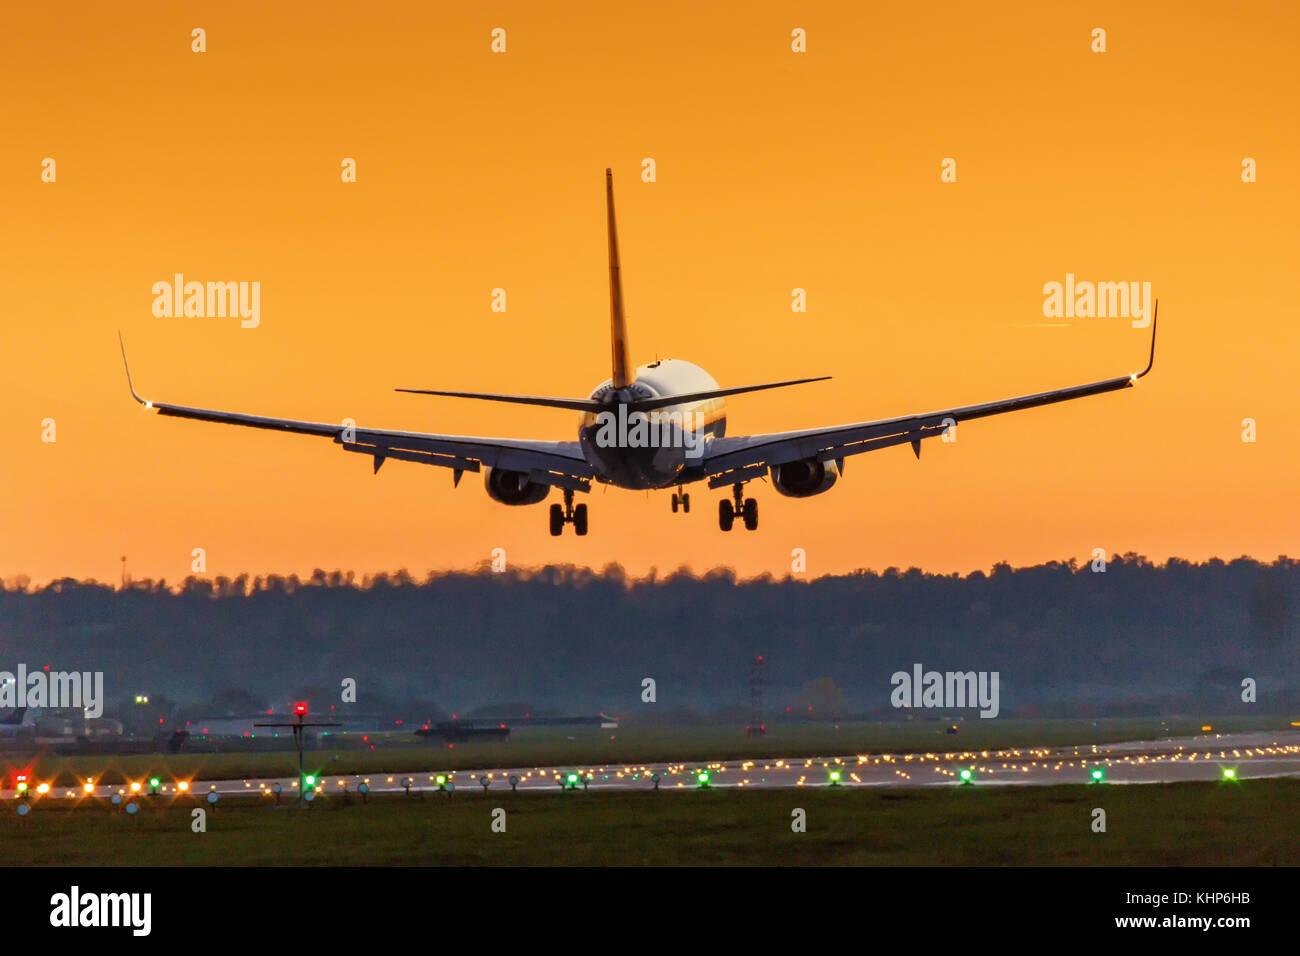 Flugzeug Landung flughafen stuttgart Sonne Sonnenuntergang Urlaub Ferien Reisen Reisen Flugzeug Flugzeug reisen Stockbild